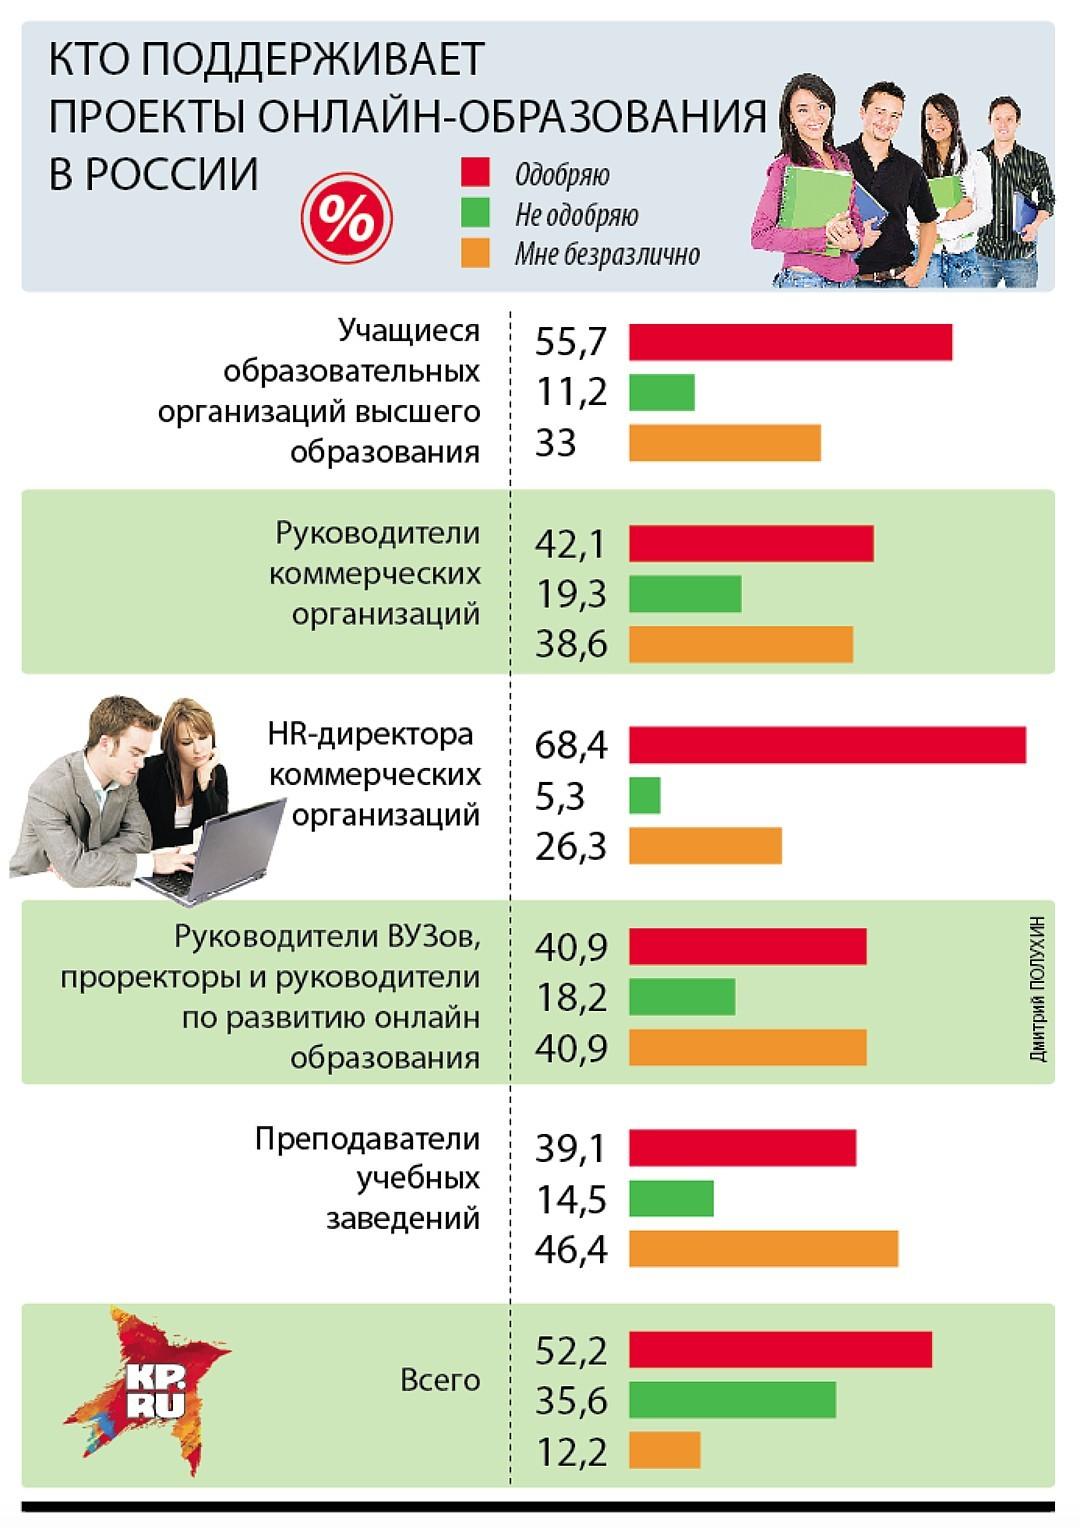 Россия готова к онлайн-образованию